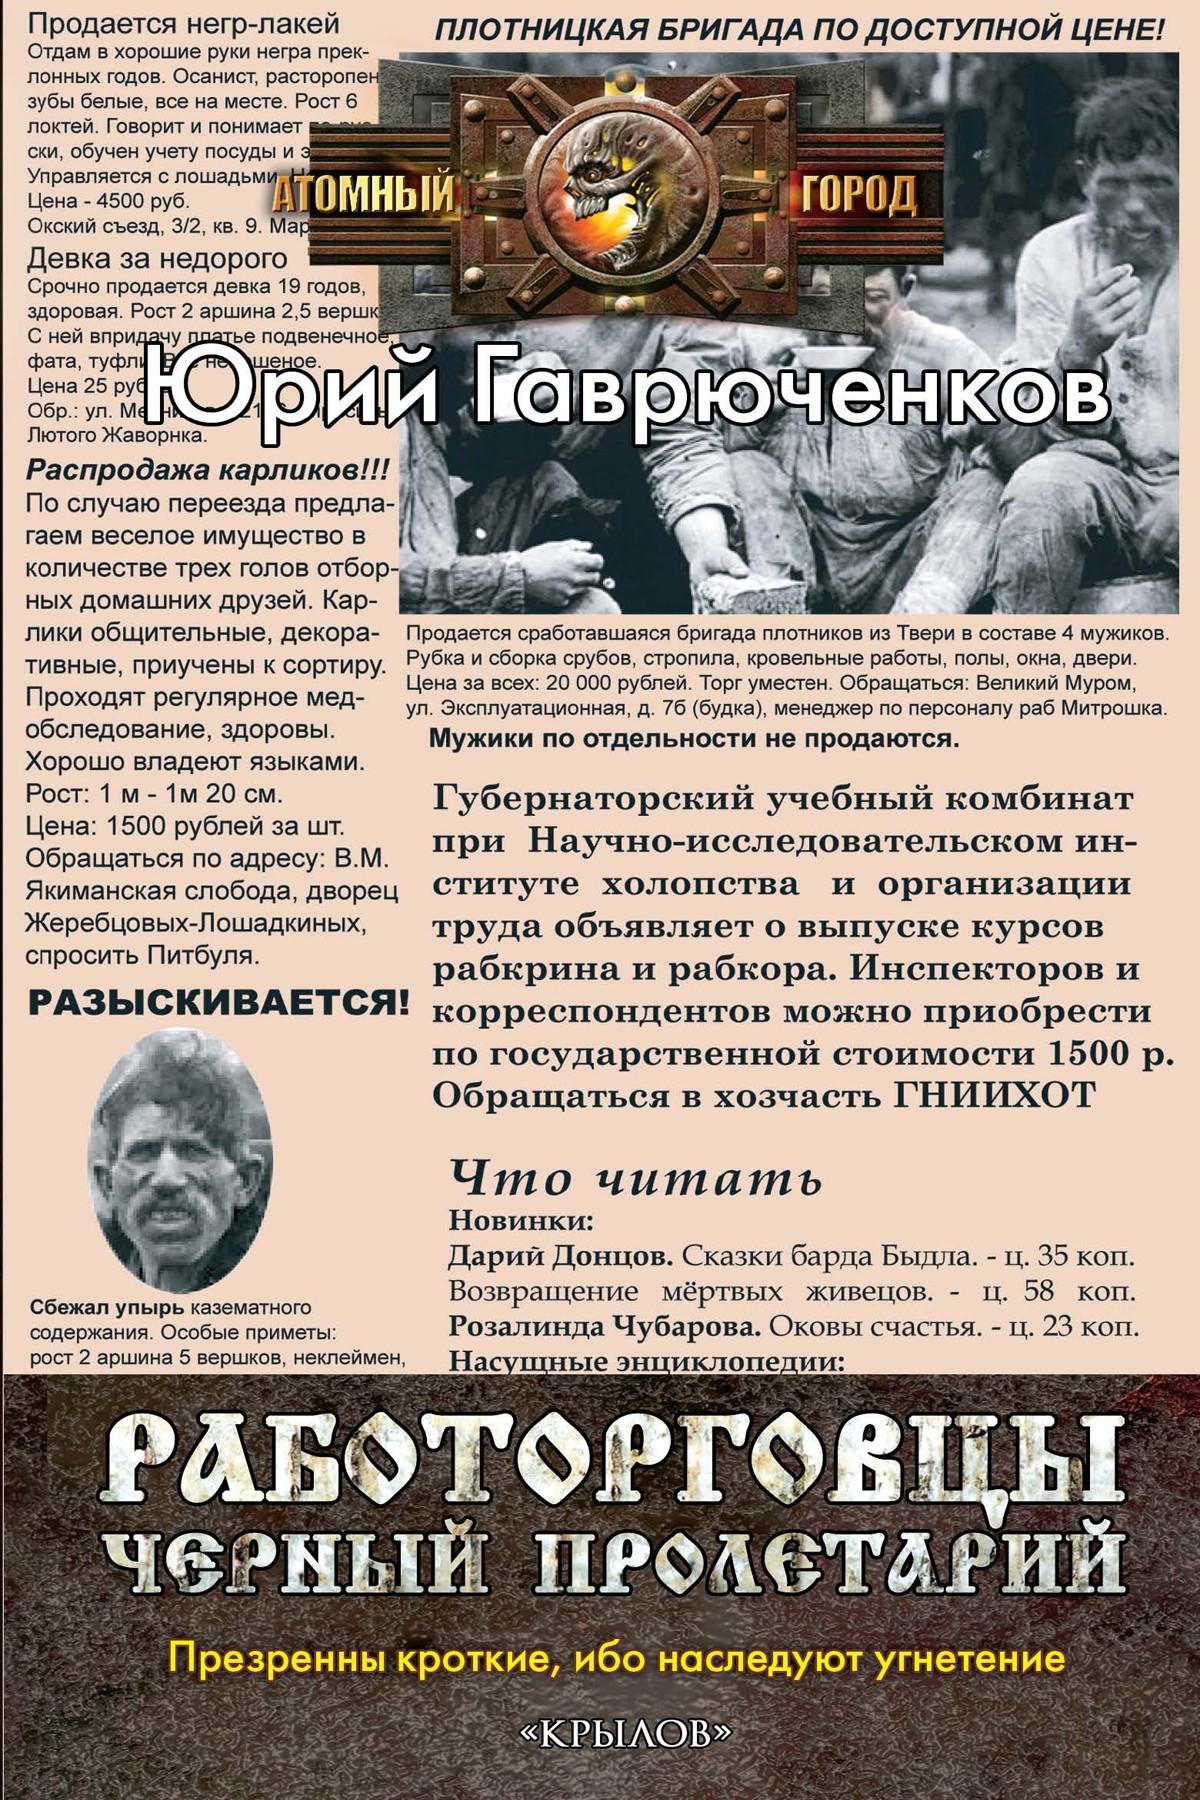 rabotorgovtsy chernyy proletariy